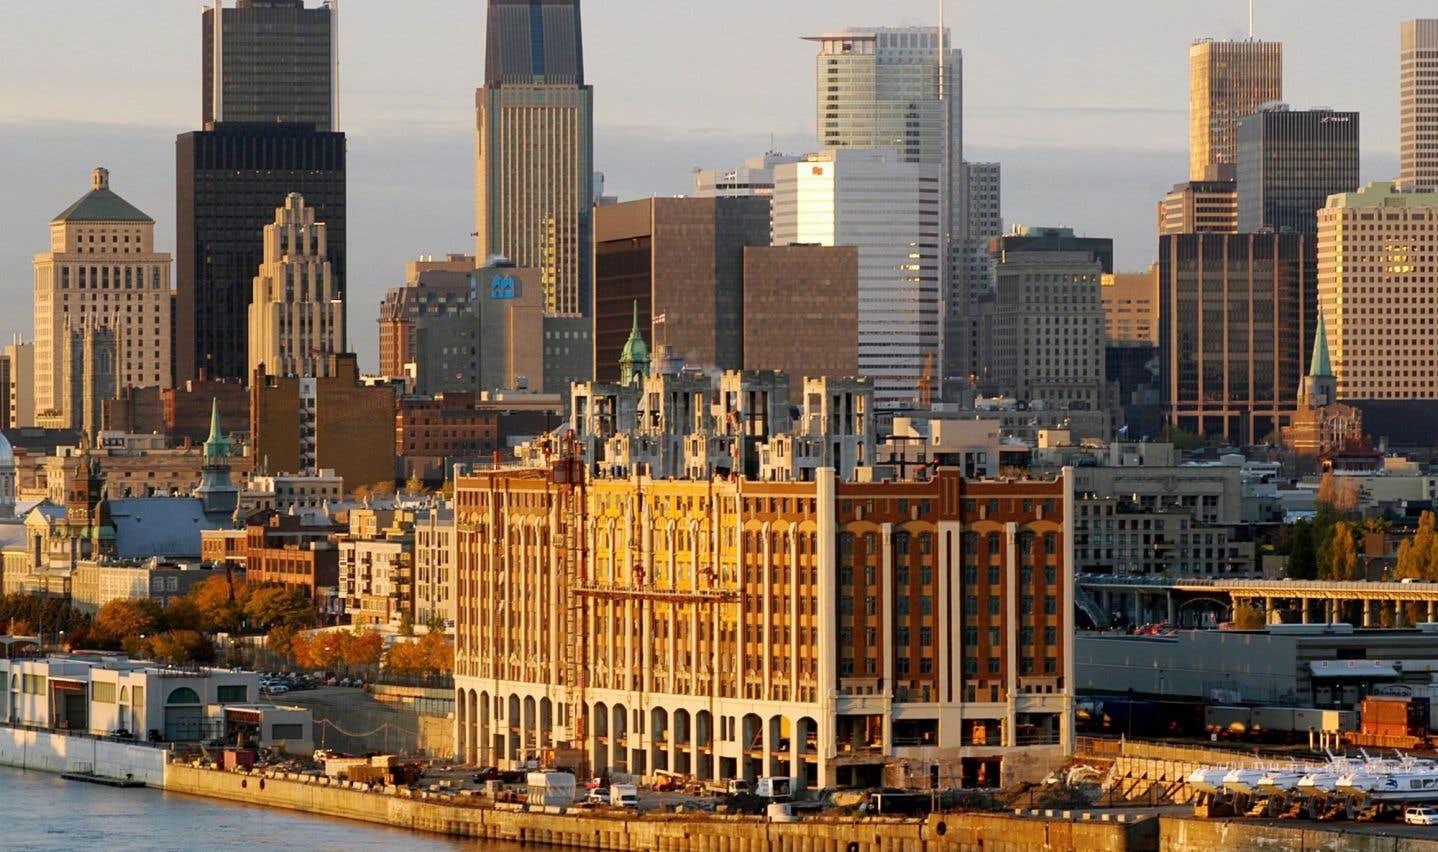 La venue d'investisseurs étrangers pourrait profiter à Montréal